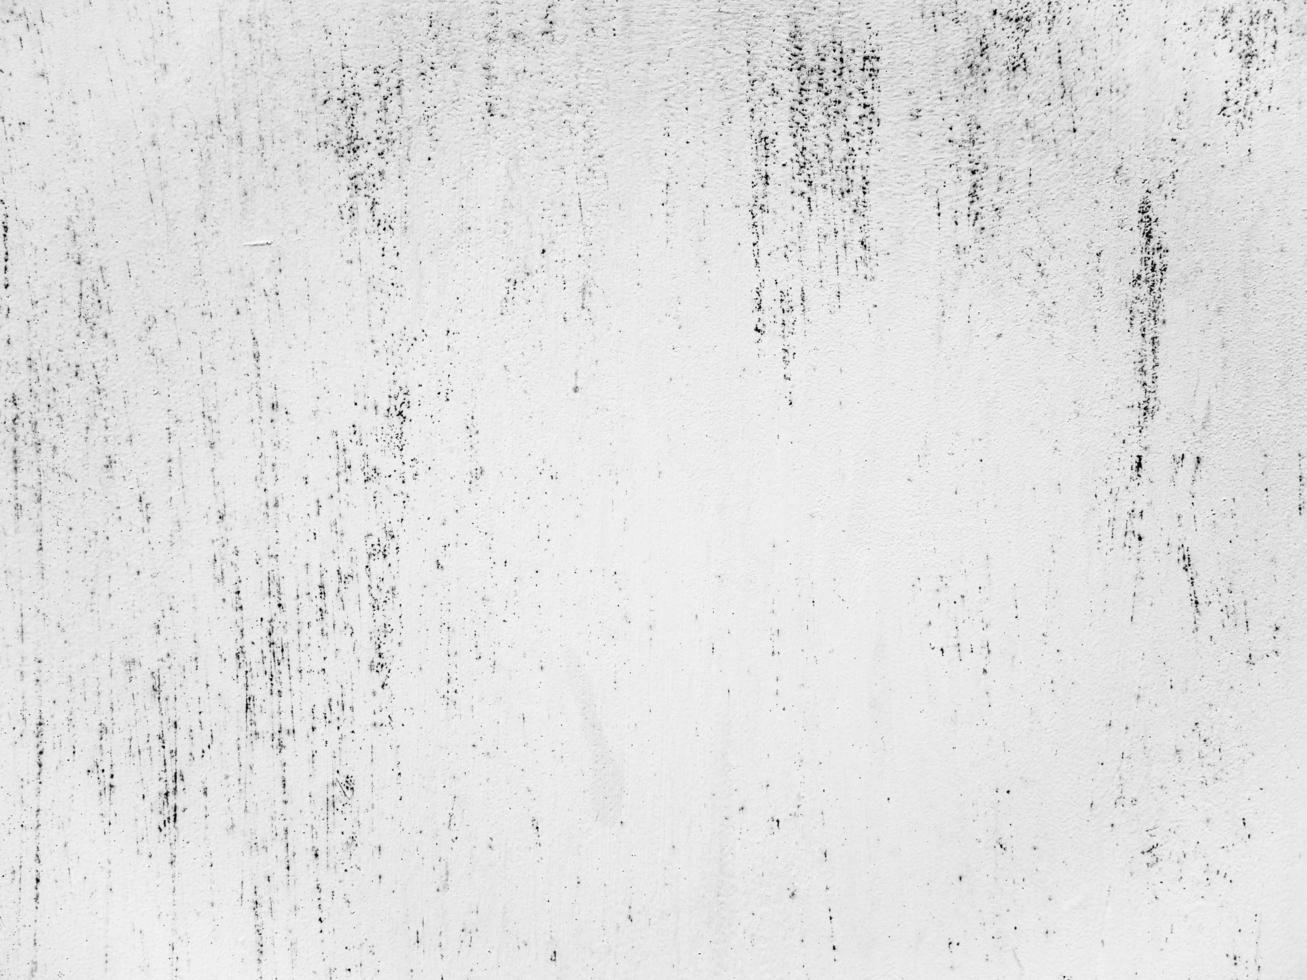 superficie rustica bianca foto